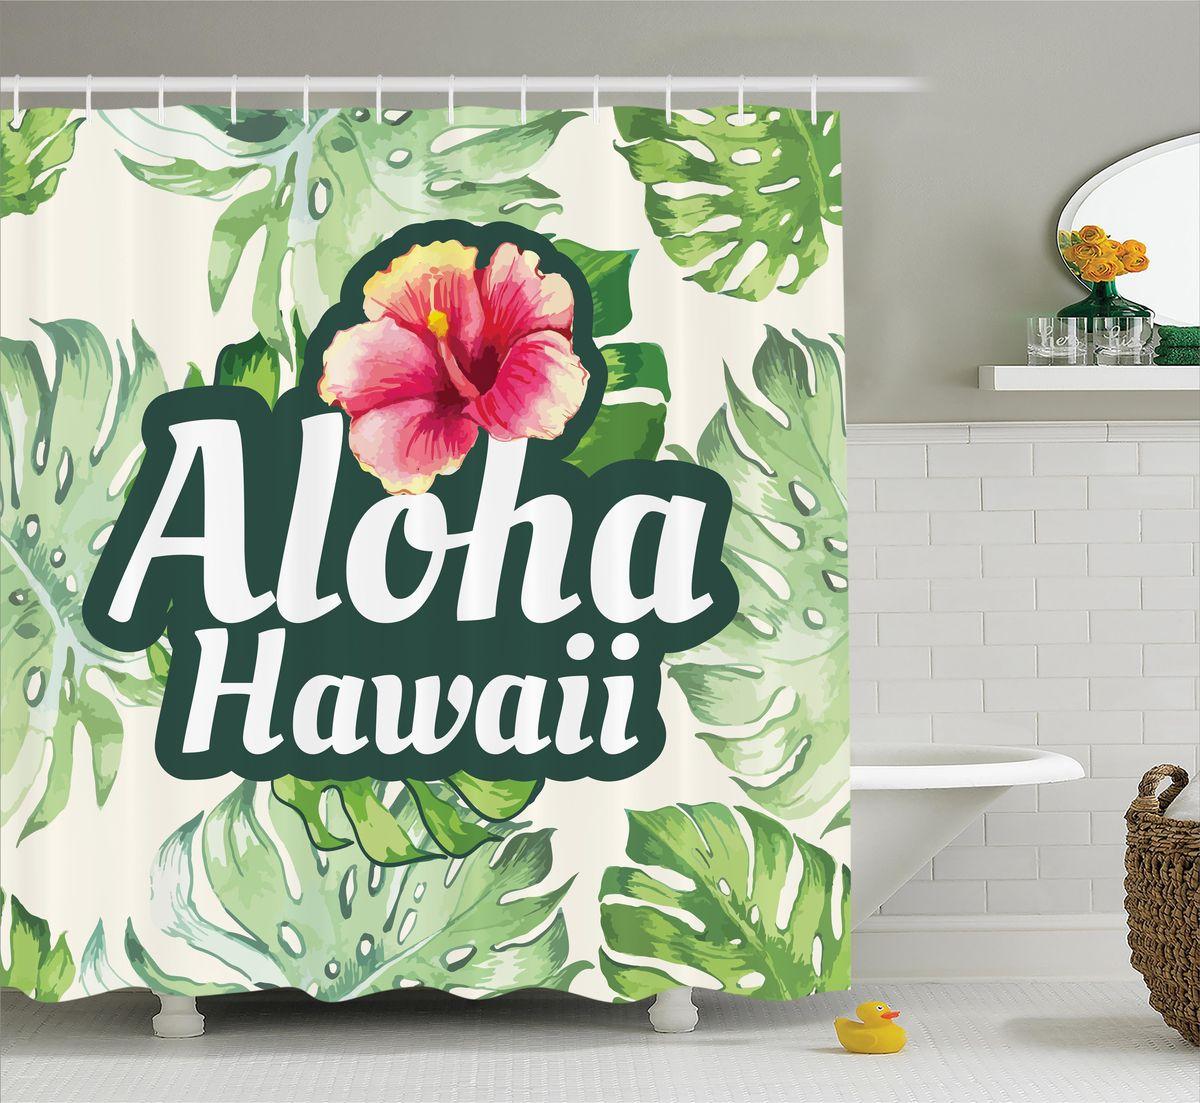 Штора для ванной комнаты Magic Lady Aloha. Hawaii, 180 х 200 смшв_12274Штора Magic Lady Aloha. Hawaii, изготовленная из высококачественного сатена (полиэстер 100%), отлично дополнит любой интерьер ванной комнаты. При изготовлении используются специальные гипоаллергенные чернила для прямой печати по ткани, безопасные для человека. В комплекте: 1 штора, 12 крючков. Обращаем ваше внимание, фактический цвет изделия может незначительно отличаться от представленного на фото.